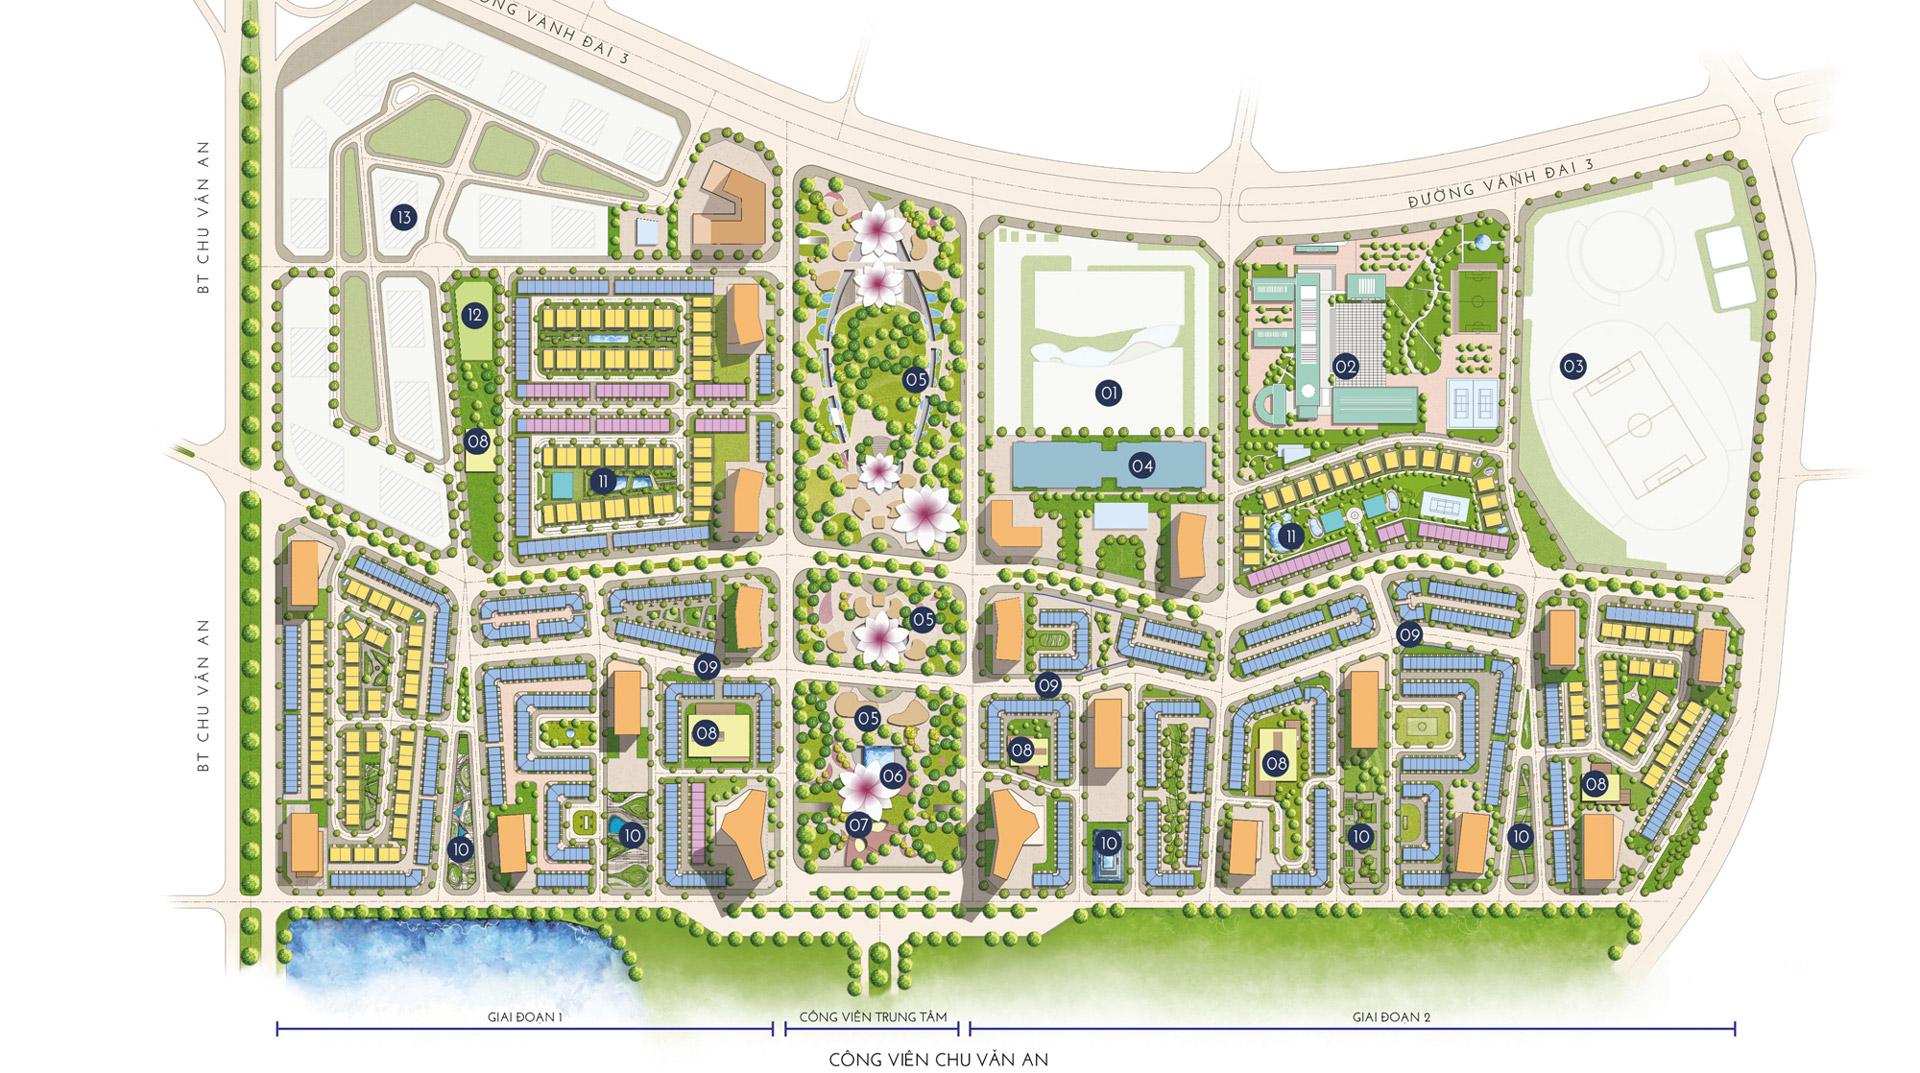 mặt bằng tiện ích dự án the manor central park